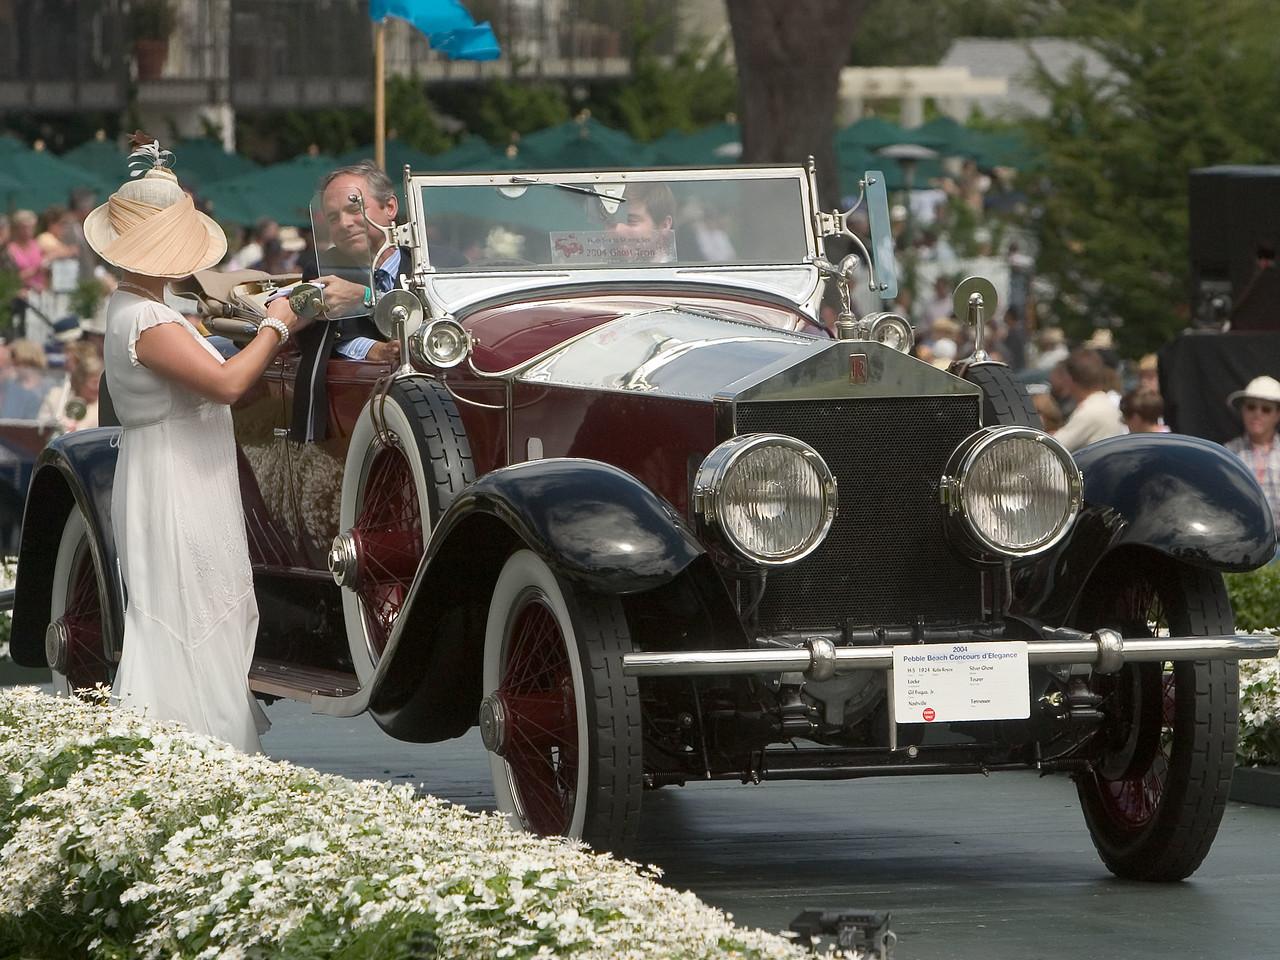 1924 Rolls Royce Silver Ghost.